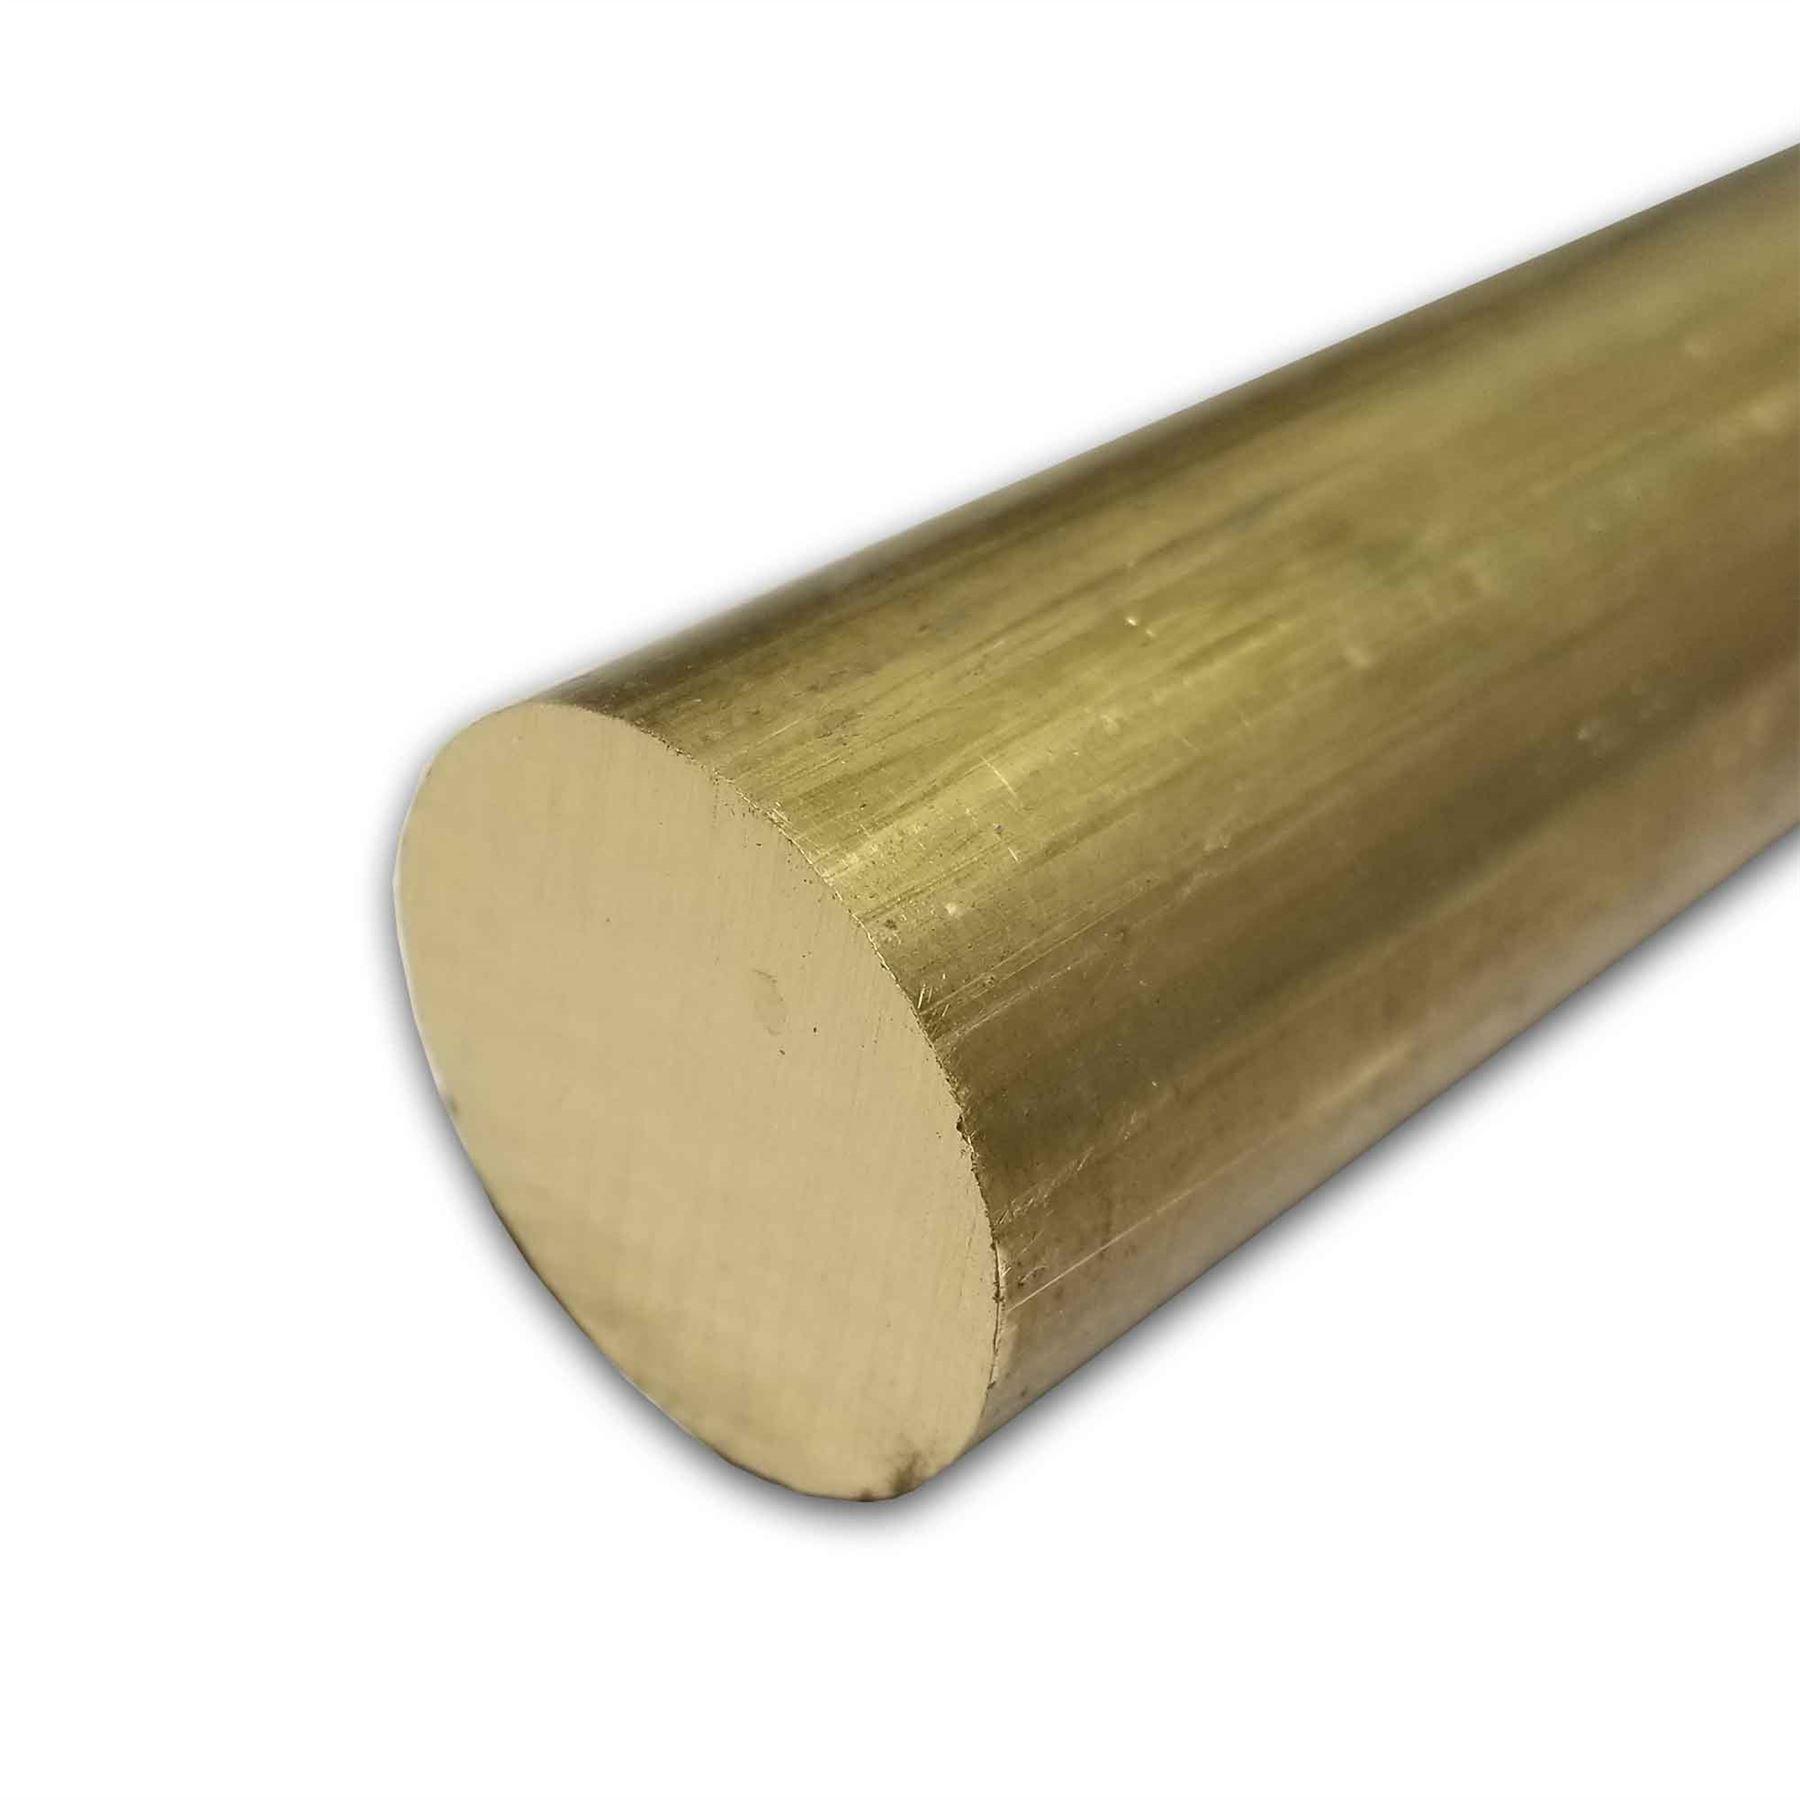 Online Metal Supply C360 Brass Round Rod, 2.000 (2 inch) x 6 inches by Online Metal Supply